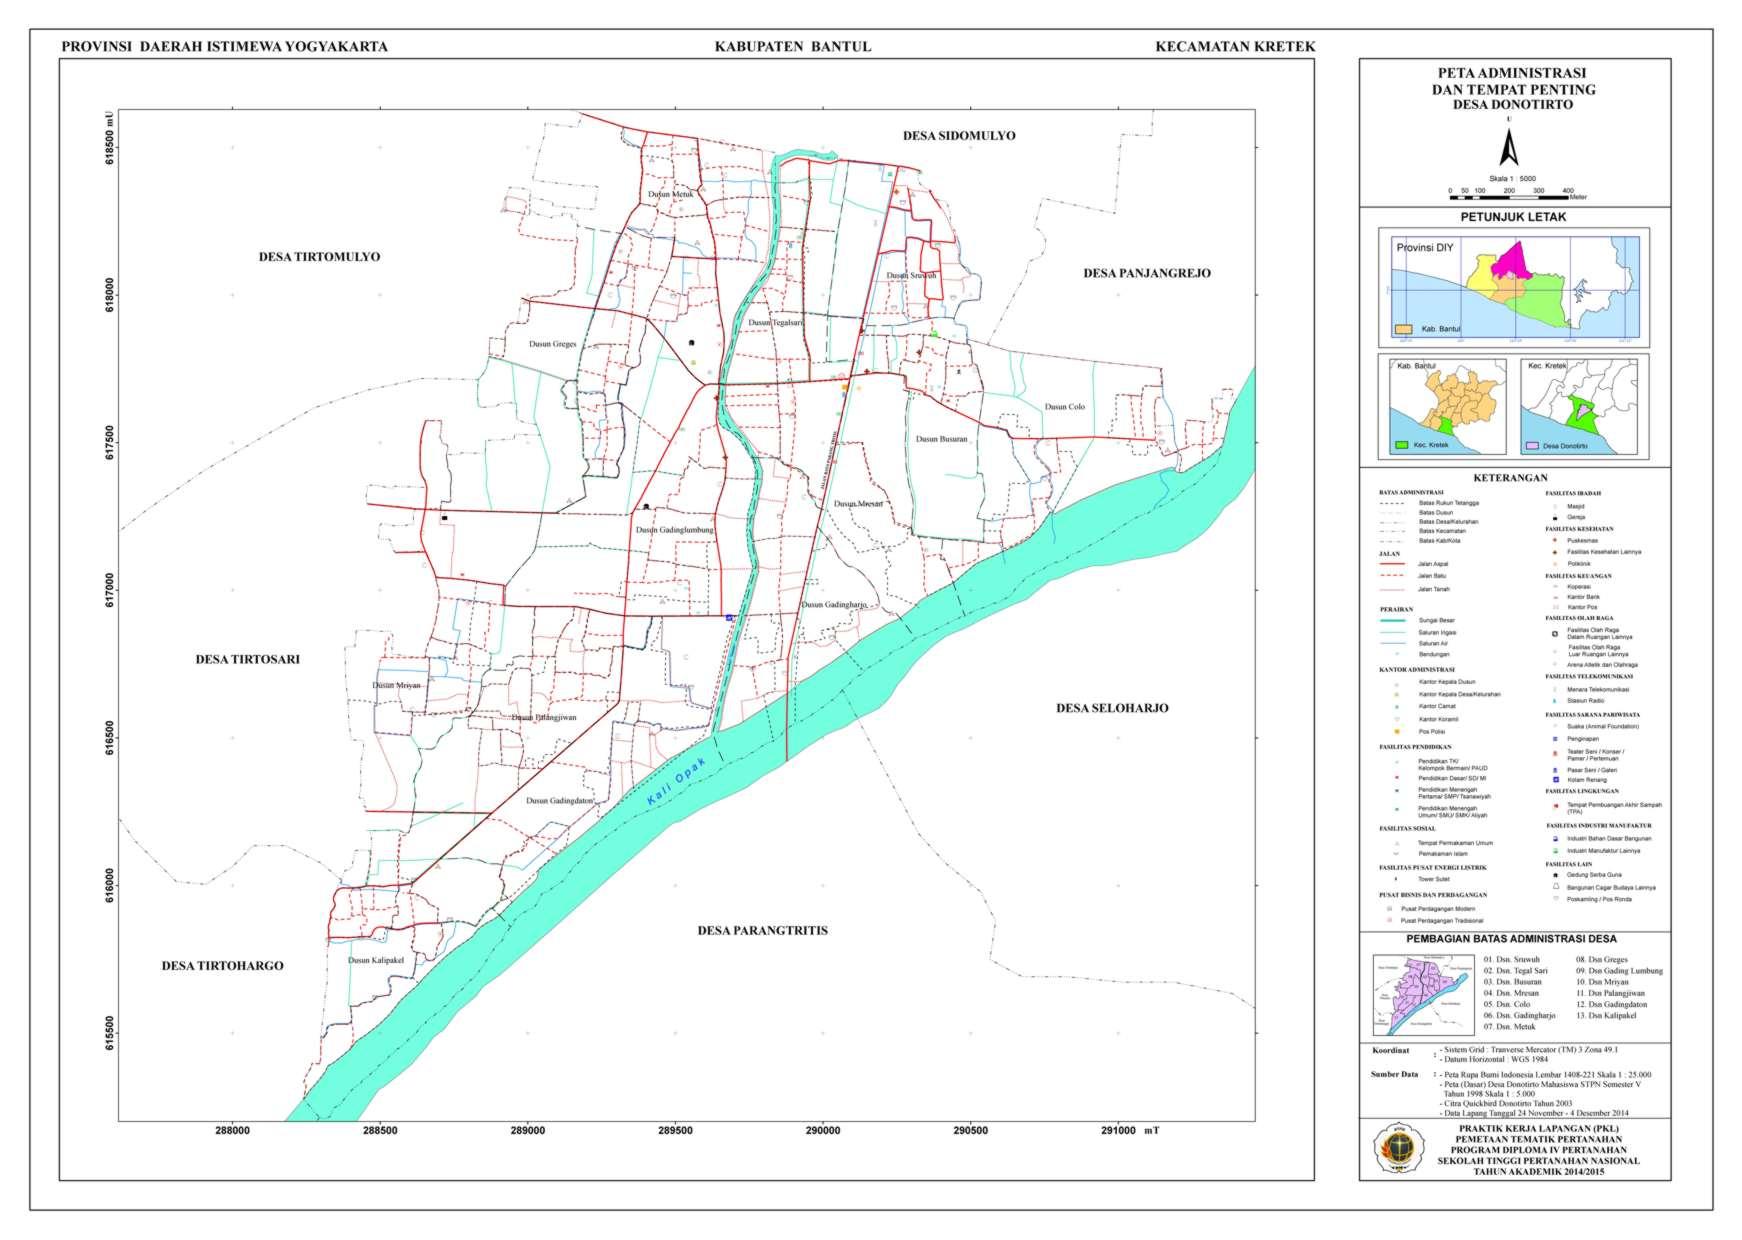 Peta Administrasi Donotirto_A0